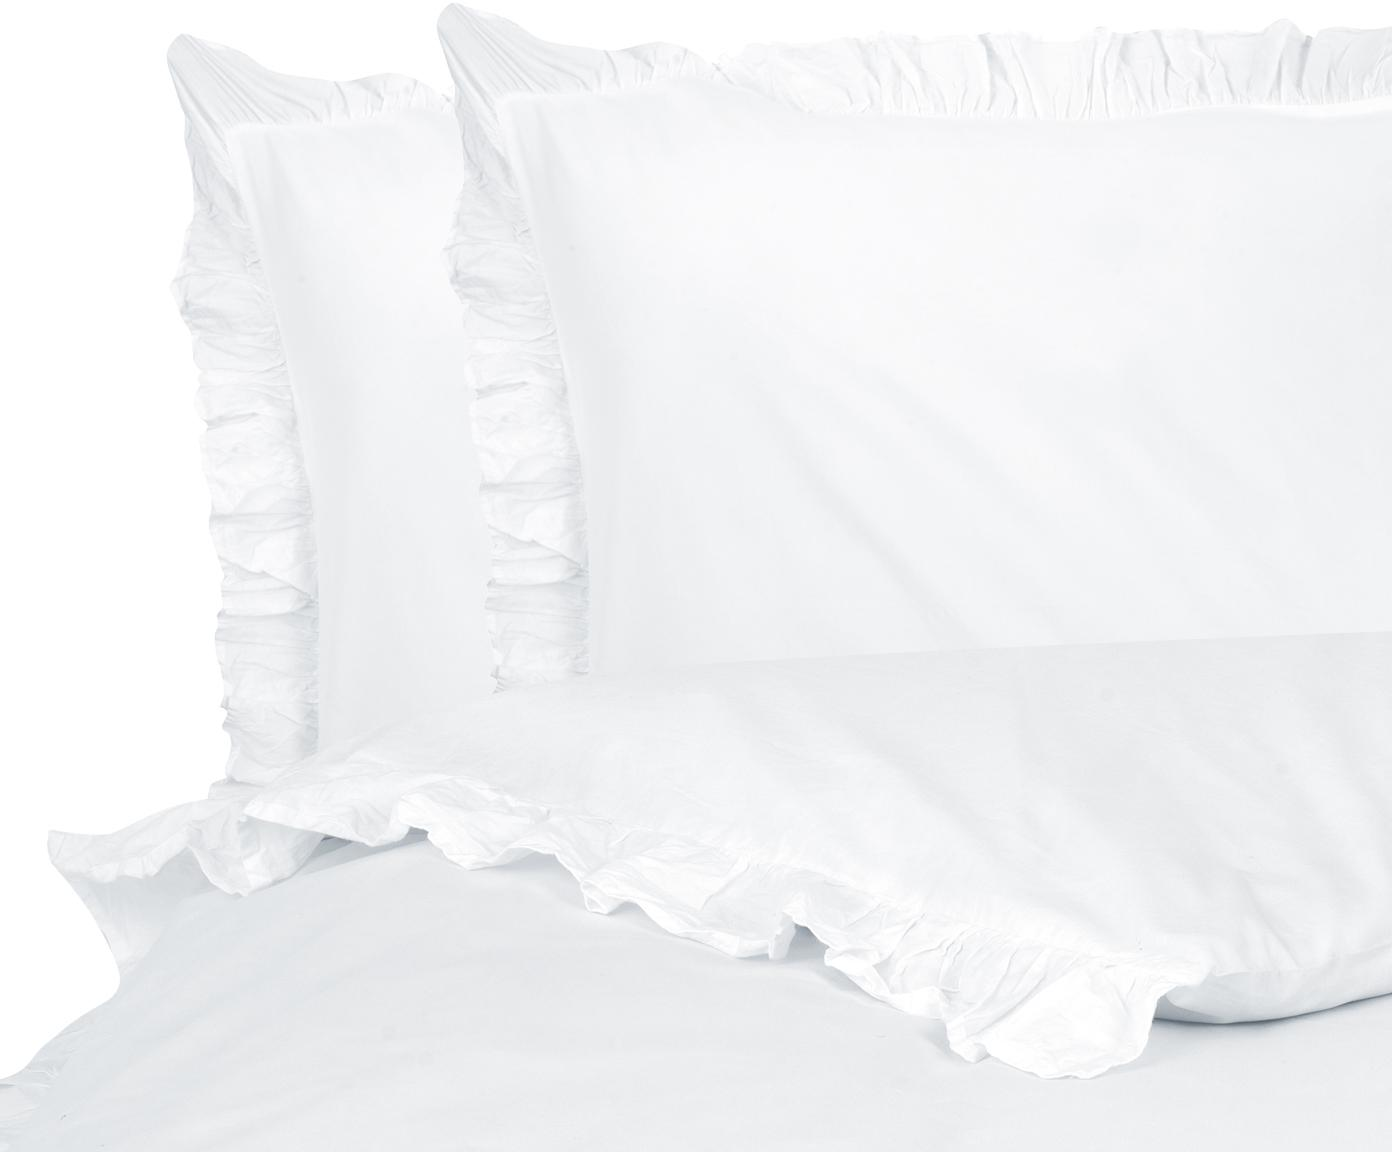 Gewaschene Baumwoll-Bettwäsche Florence mit Rüschen, Webart: Perkal Fadendichte 180 TC, Weiß, 240 x 220 cm + 2 Kissen 80 x 80 cm